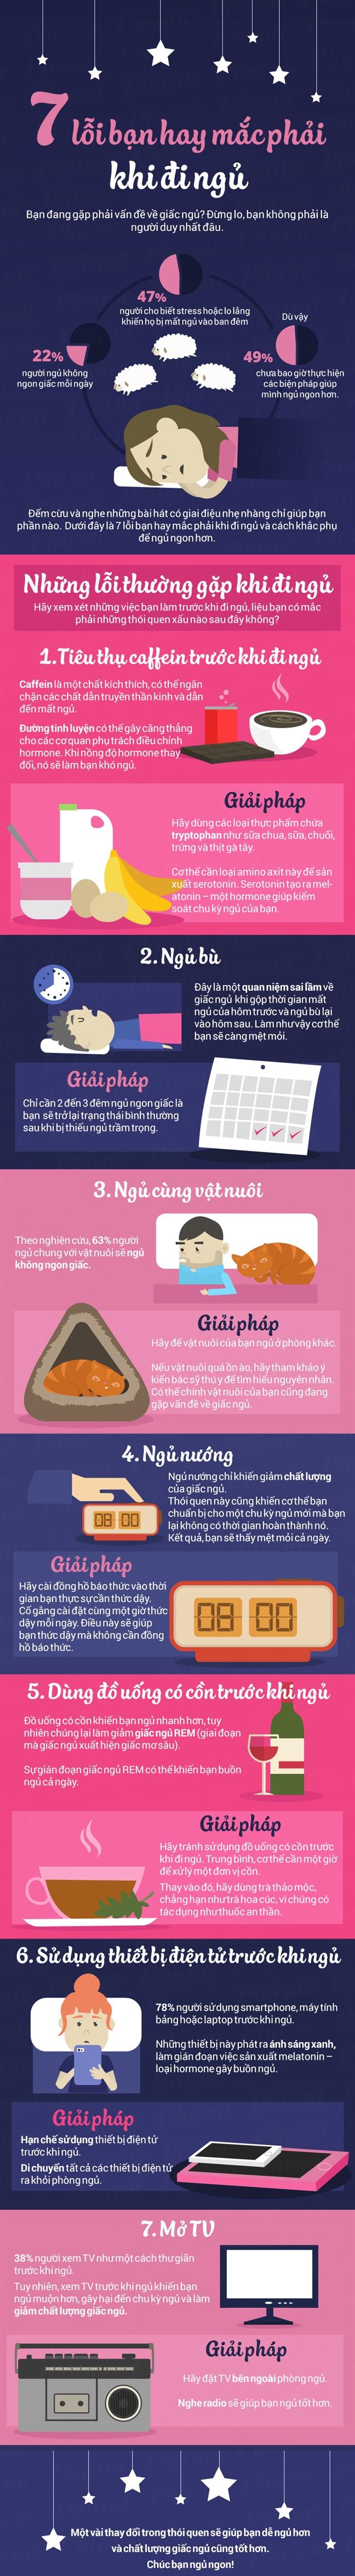 7 thói quen xấu trước khi ngủ, bạn dễ mắc phải vào ngày cuối tuần - Ảnh 1.